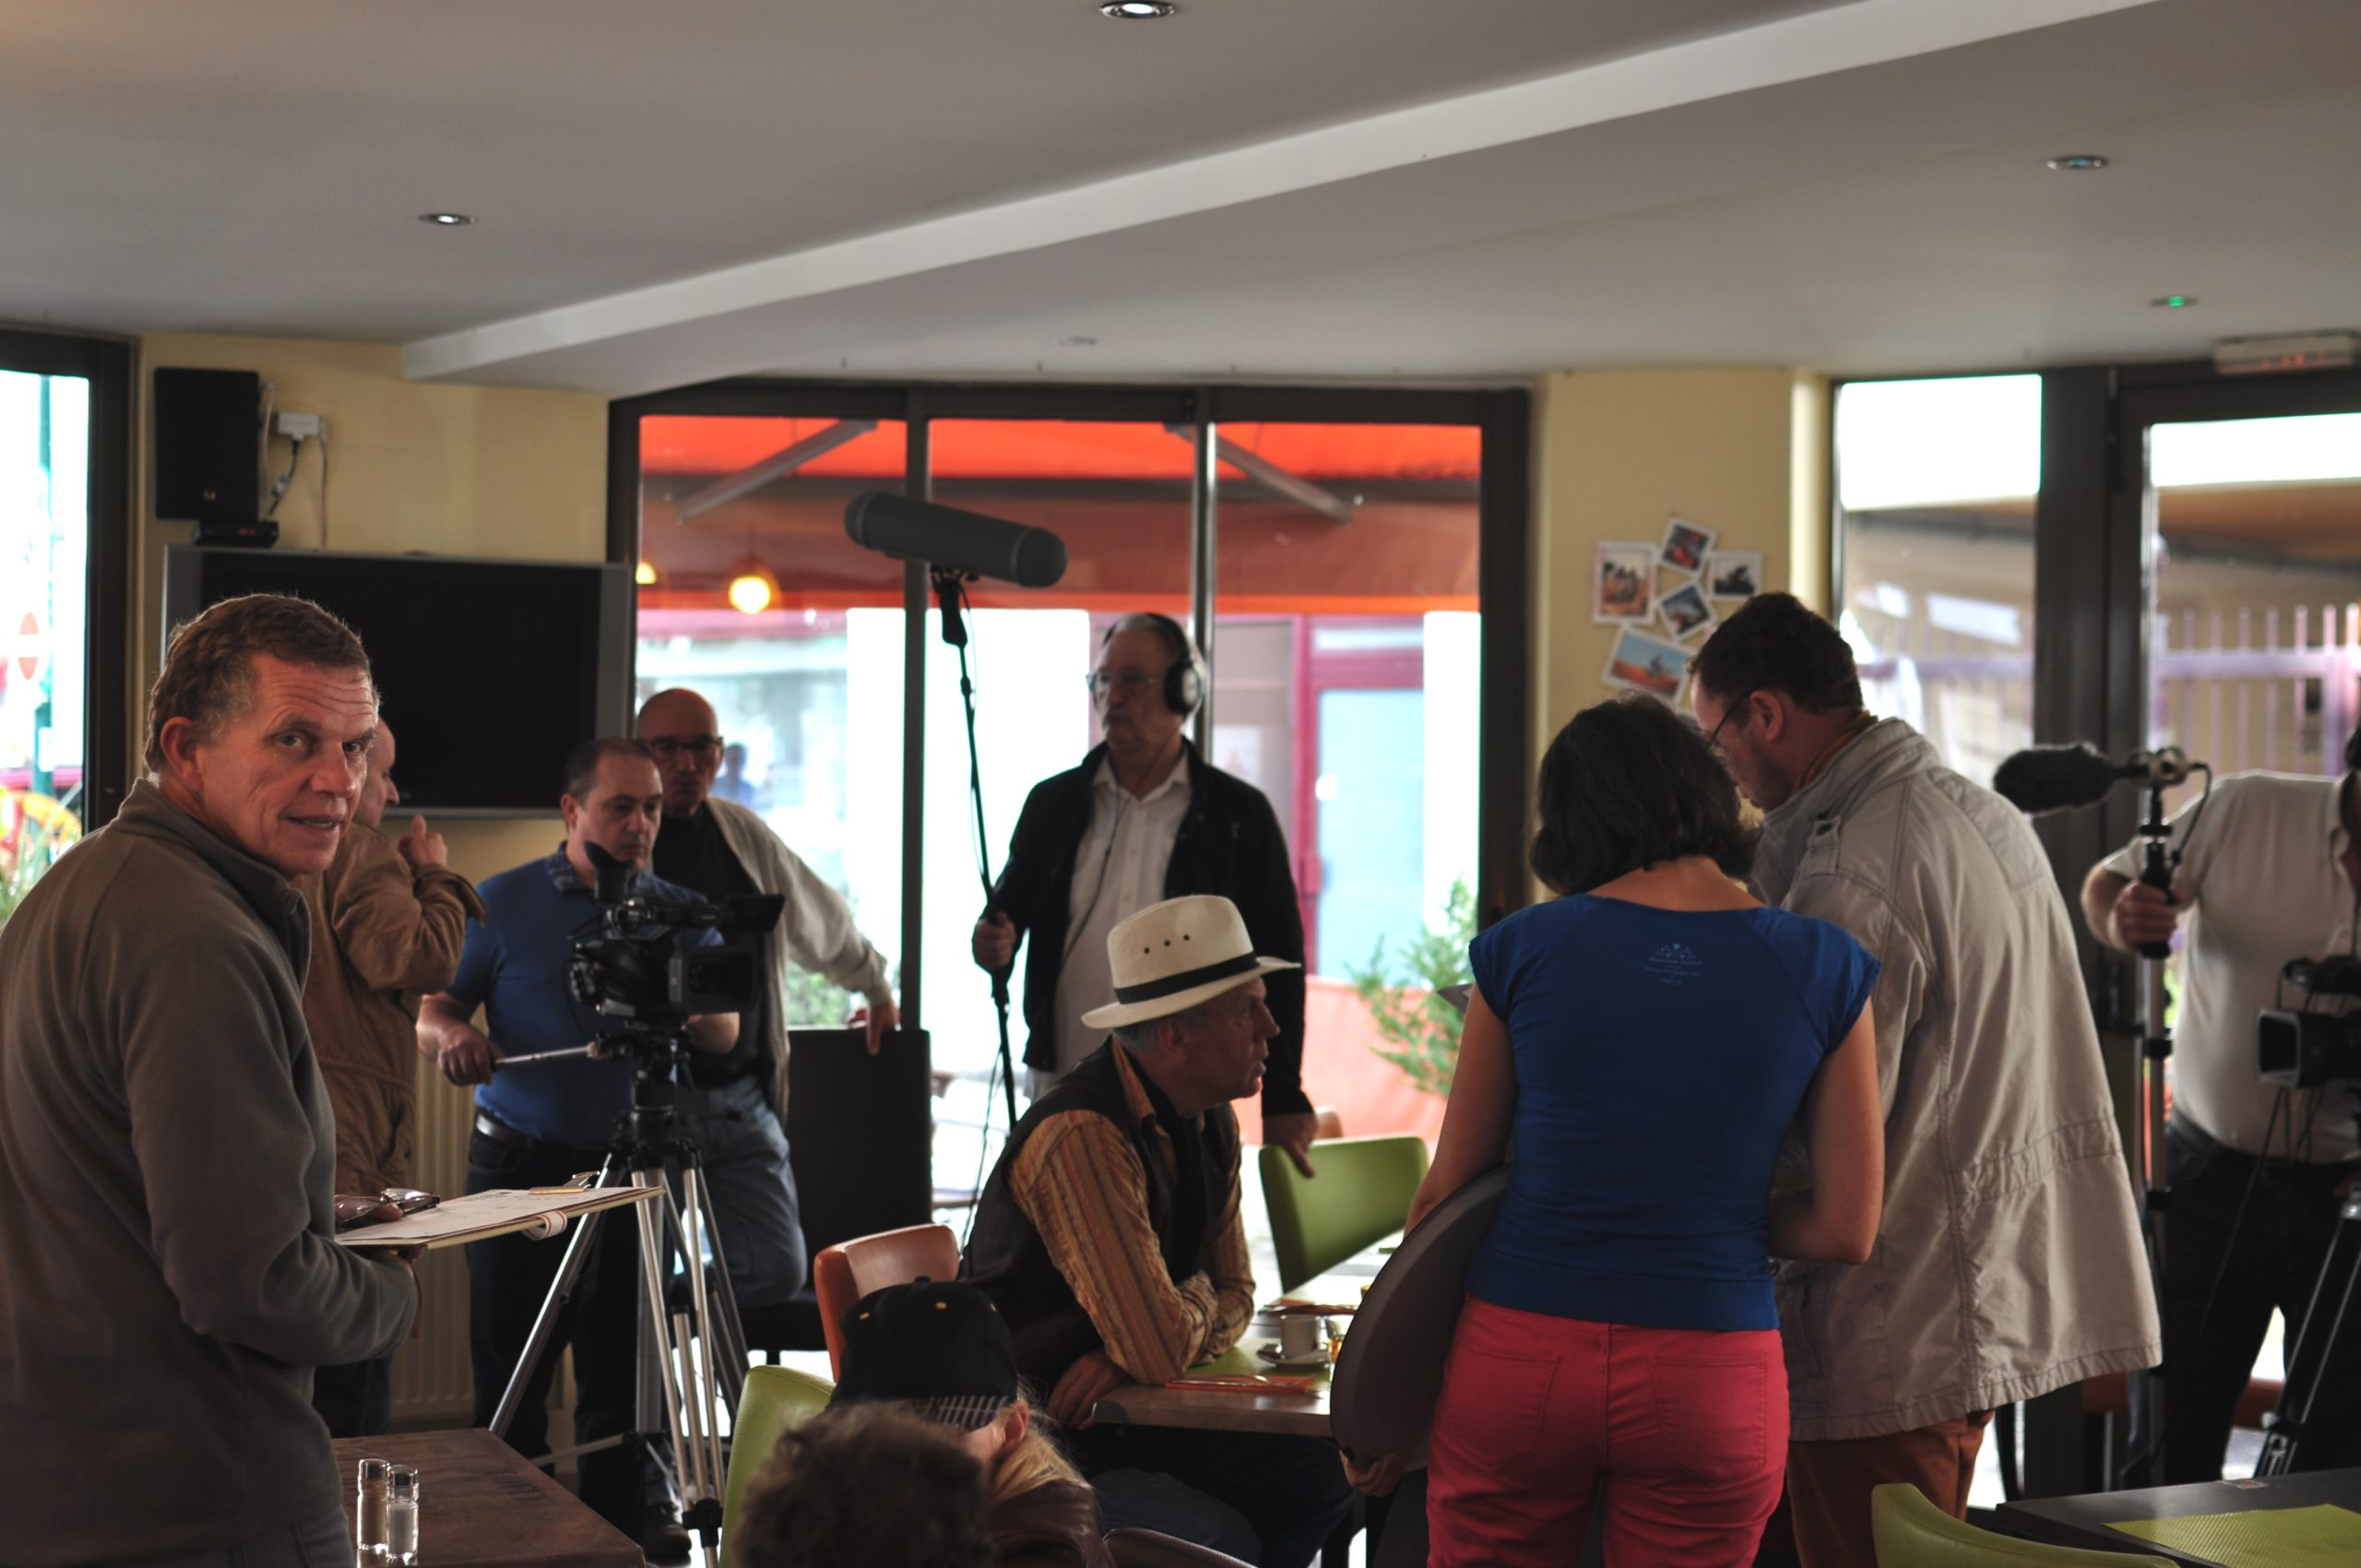 Tontons cadreurs 48hfp 2016 Portrait de famille tournage 17